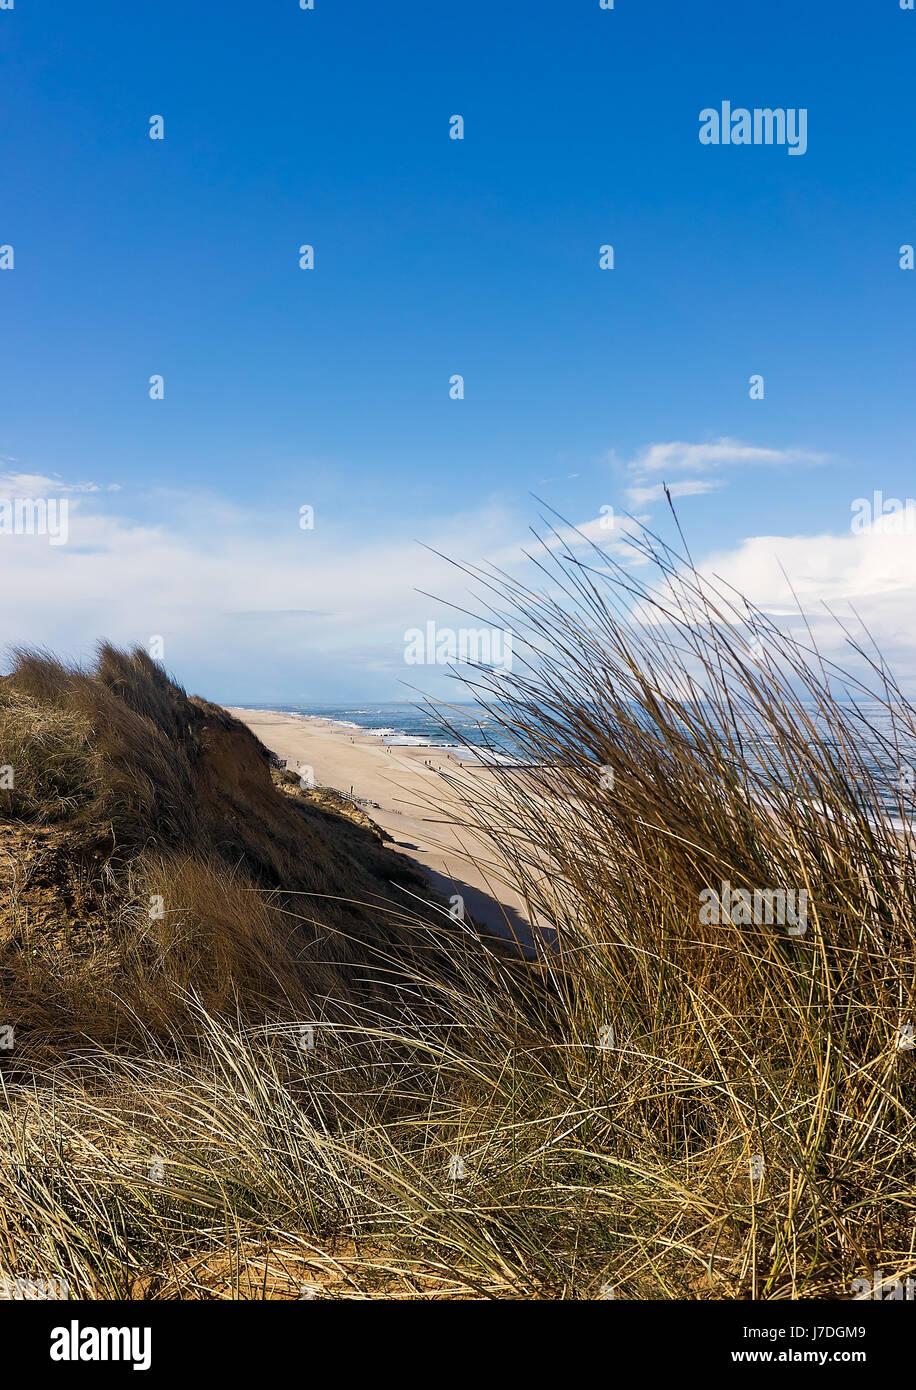 Strand und Meer - Sylt, Deutschland Stockbild